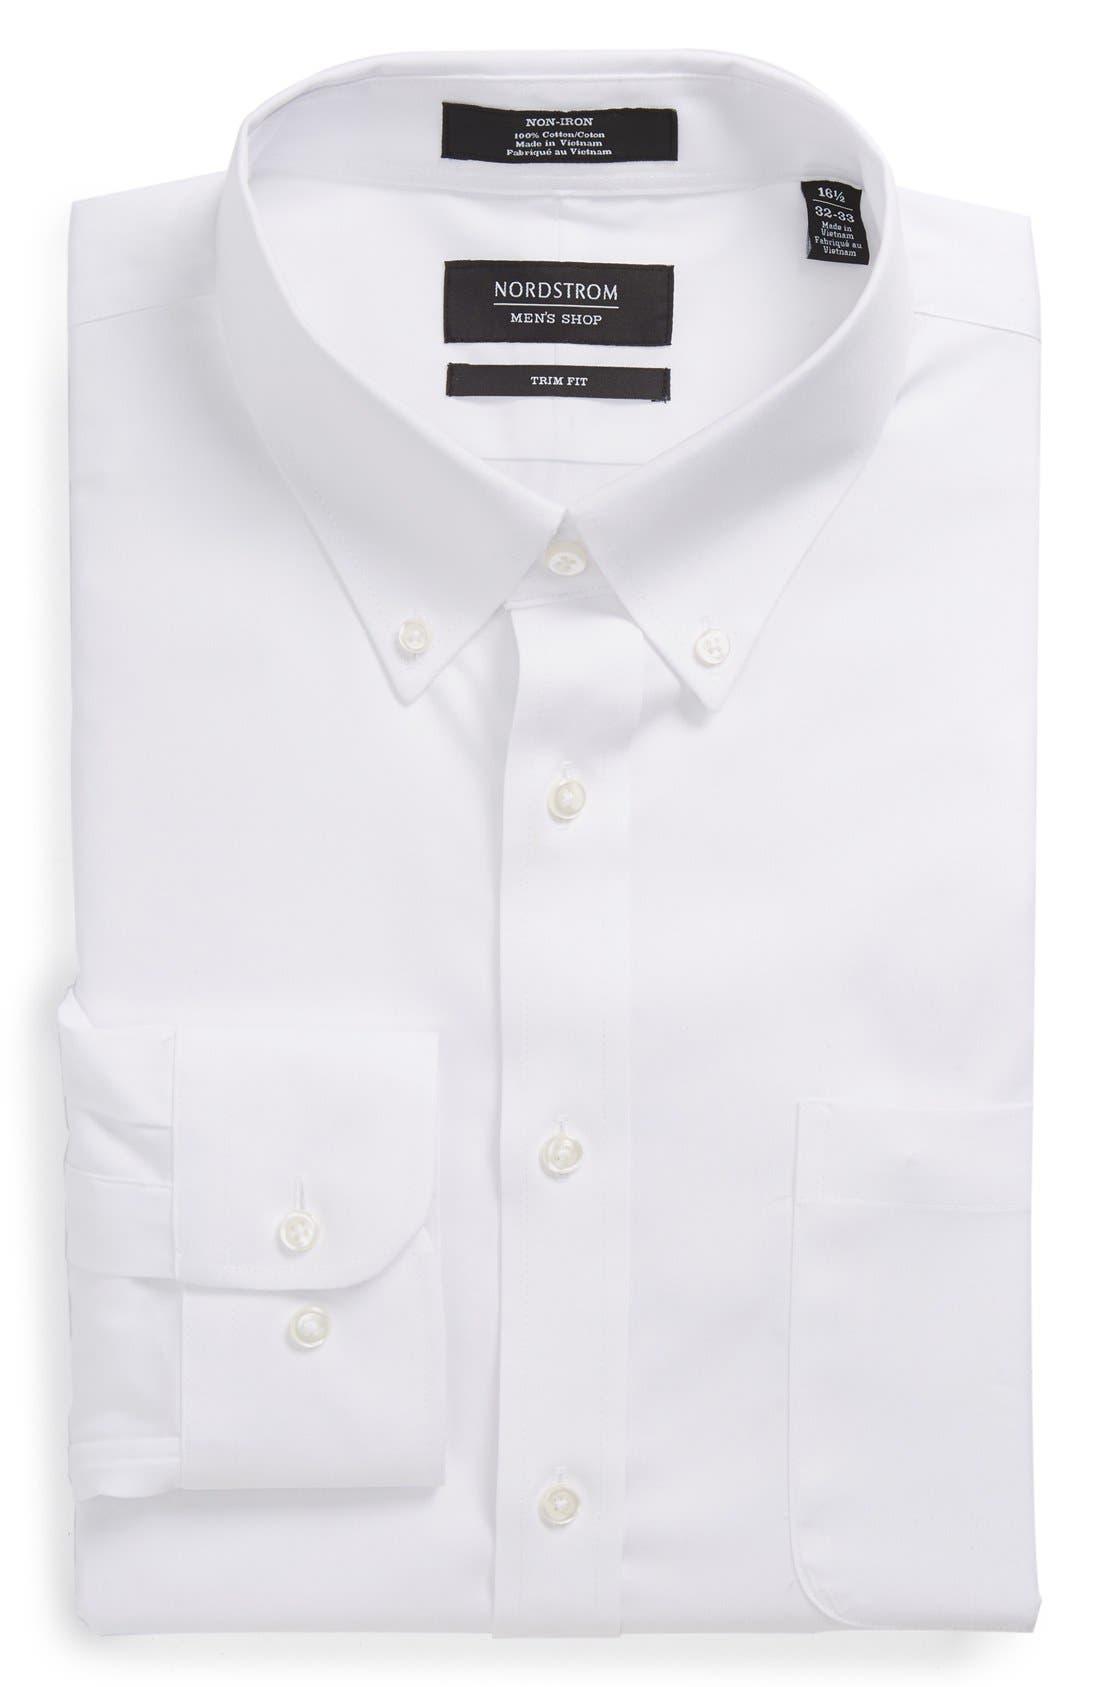 Nordstrom Men's Shop Trim Fit Non-Iron Dress Shirt